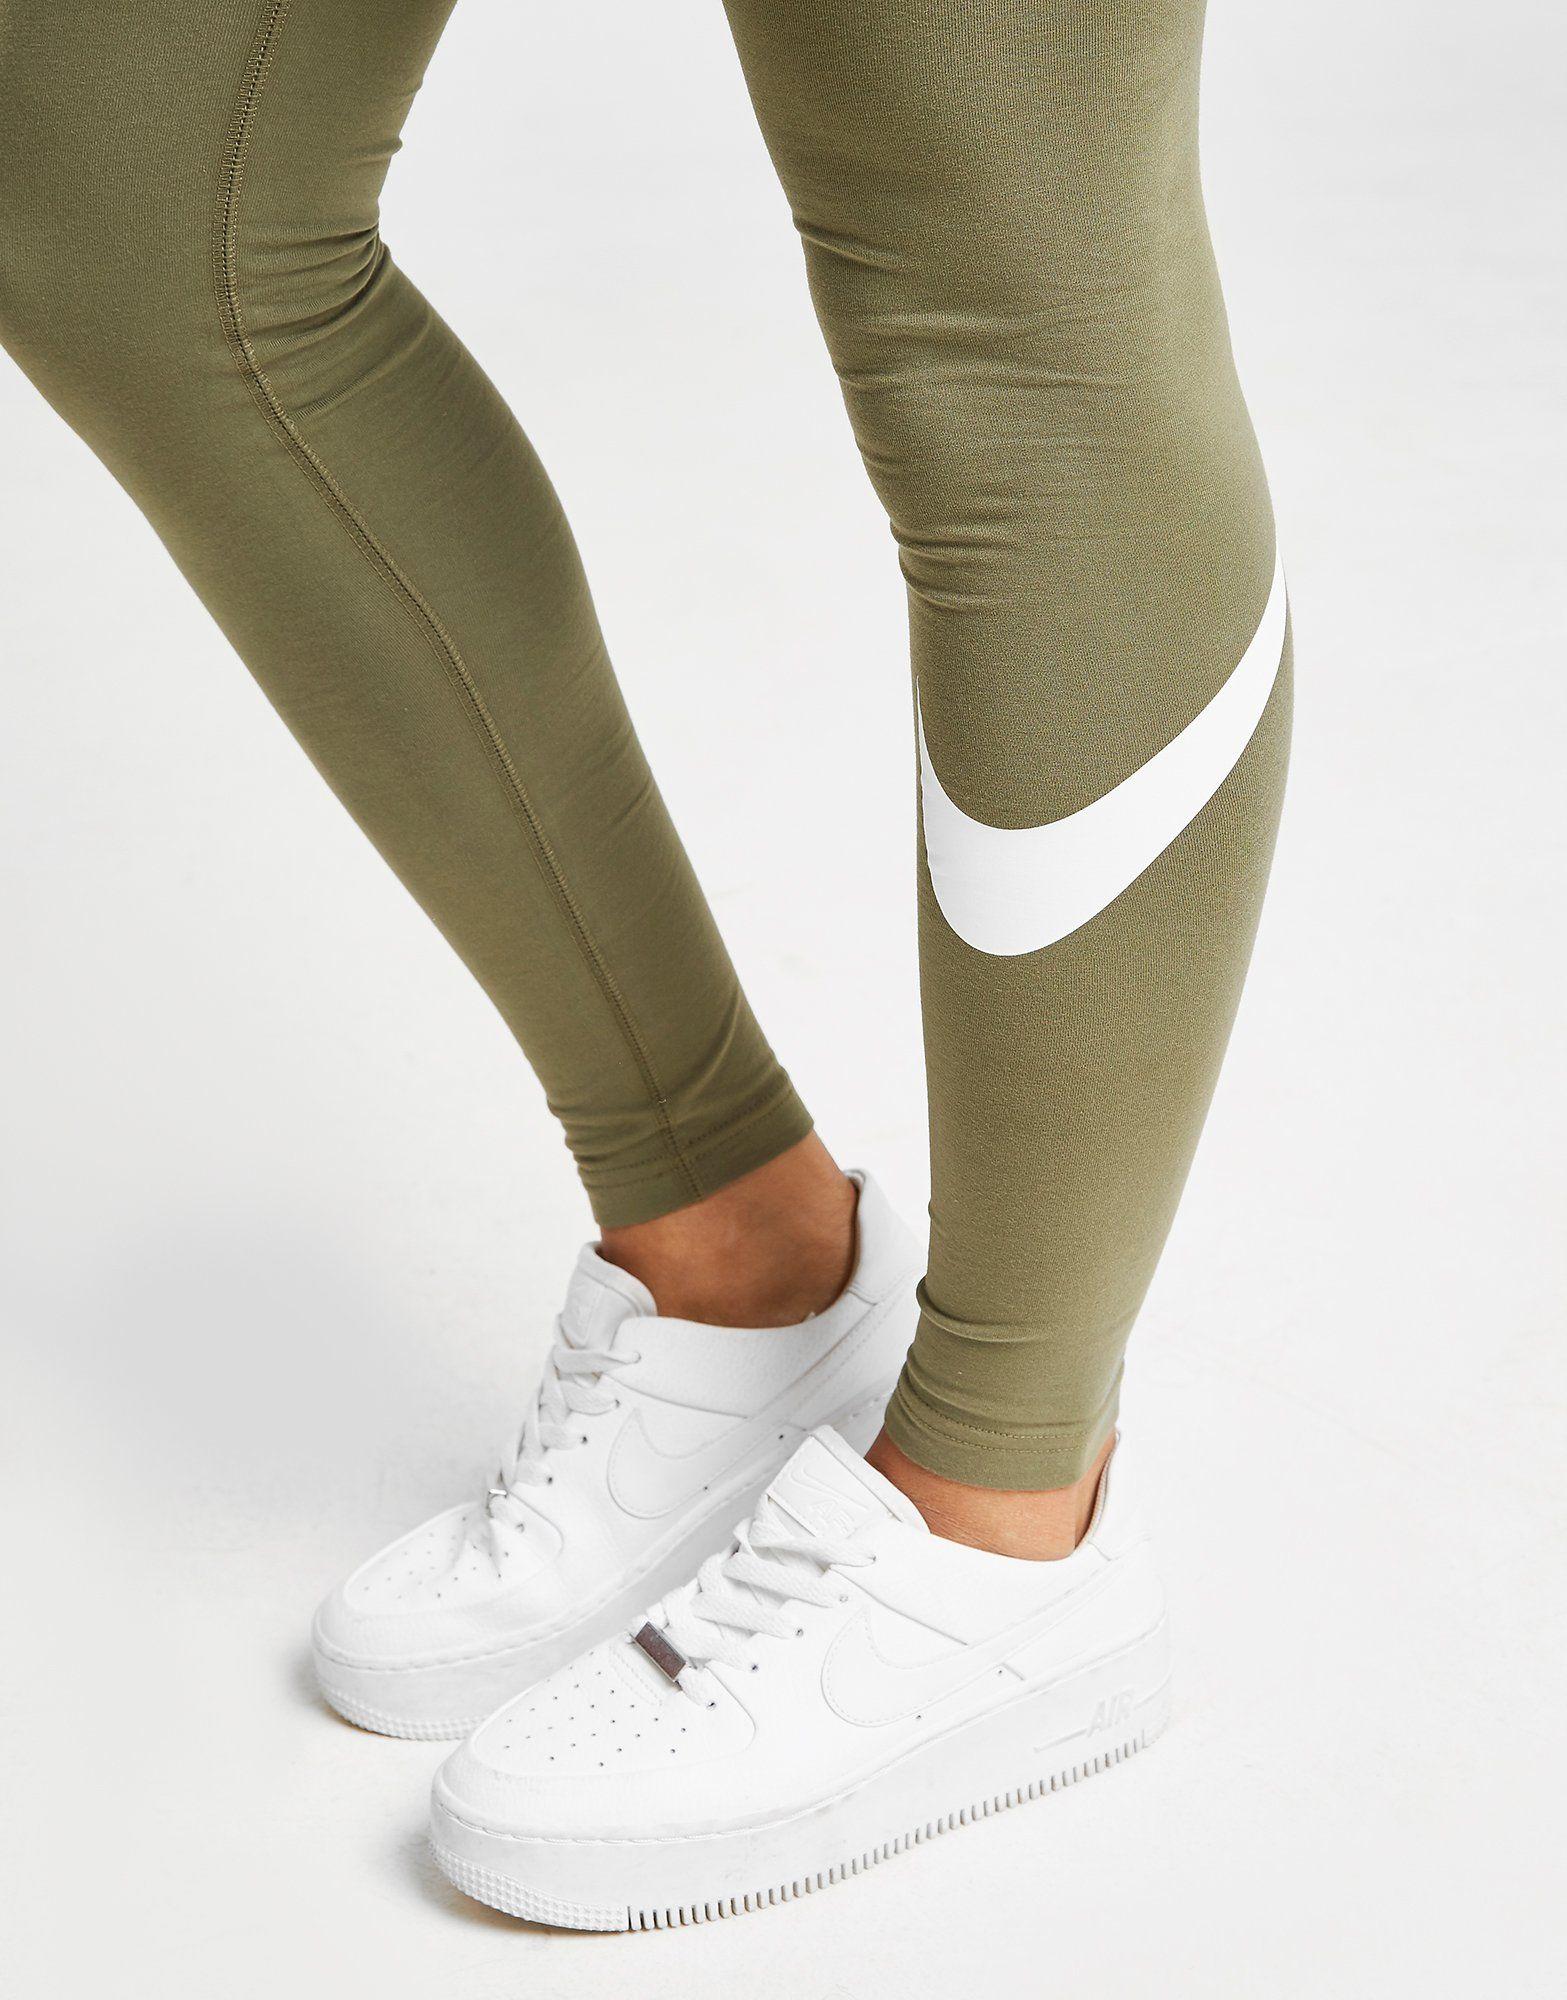 Nike High Waisted Swoosh Leggings